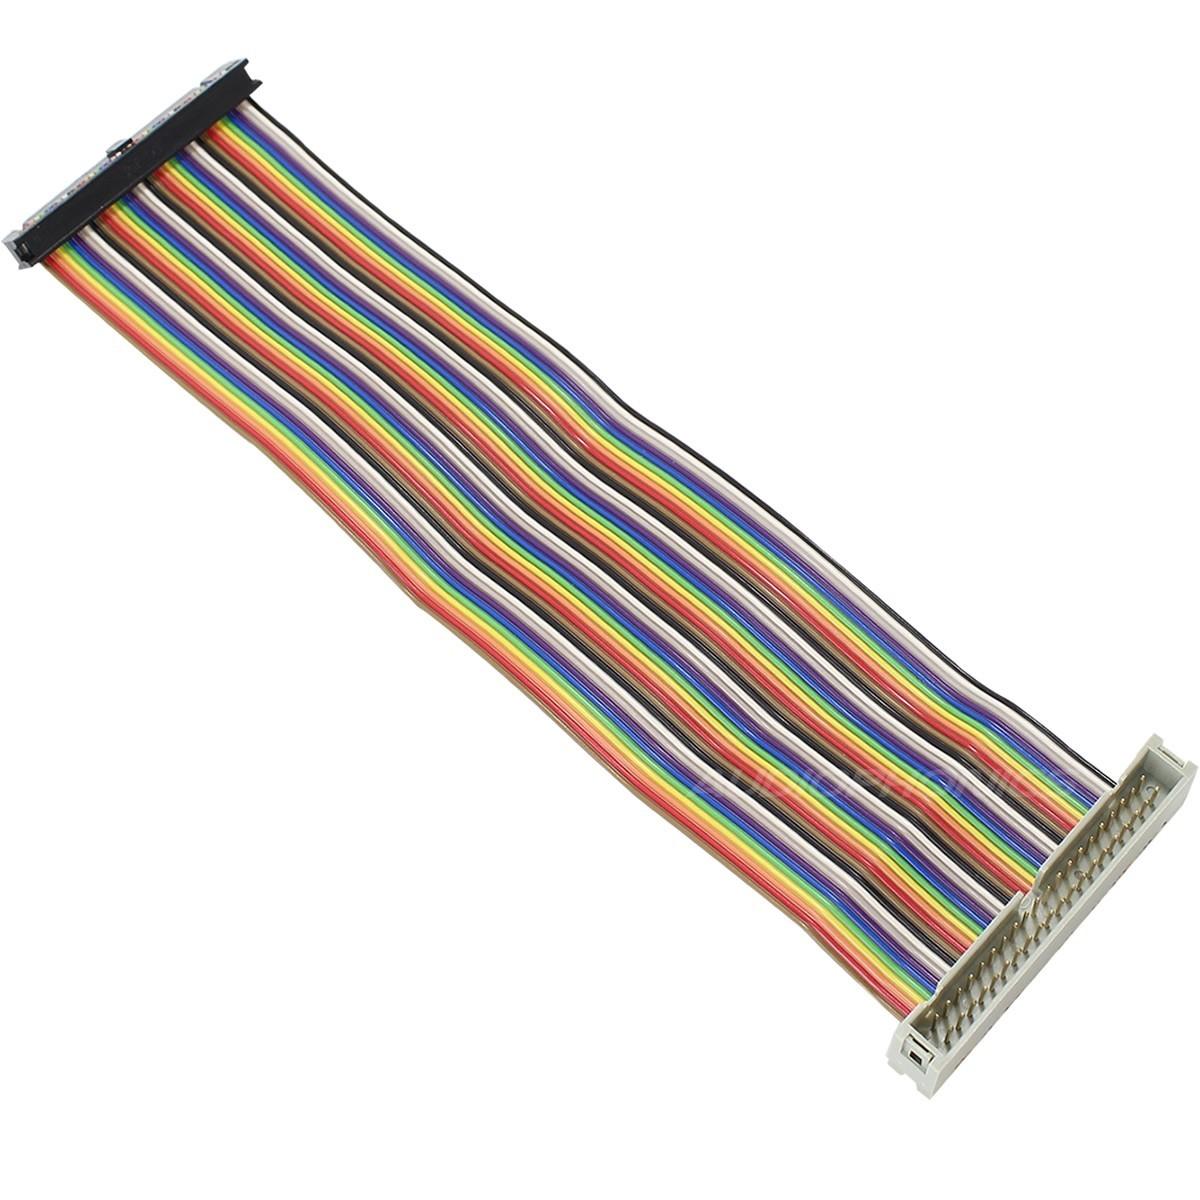 Nappe d'extension GPIO mâle femelle 40 Pin pour Raspberry A+ / B+ / Pi 3 / Pi 2 20cm